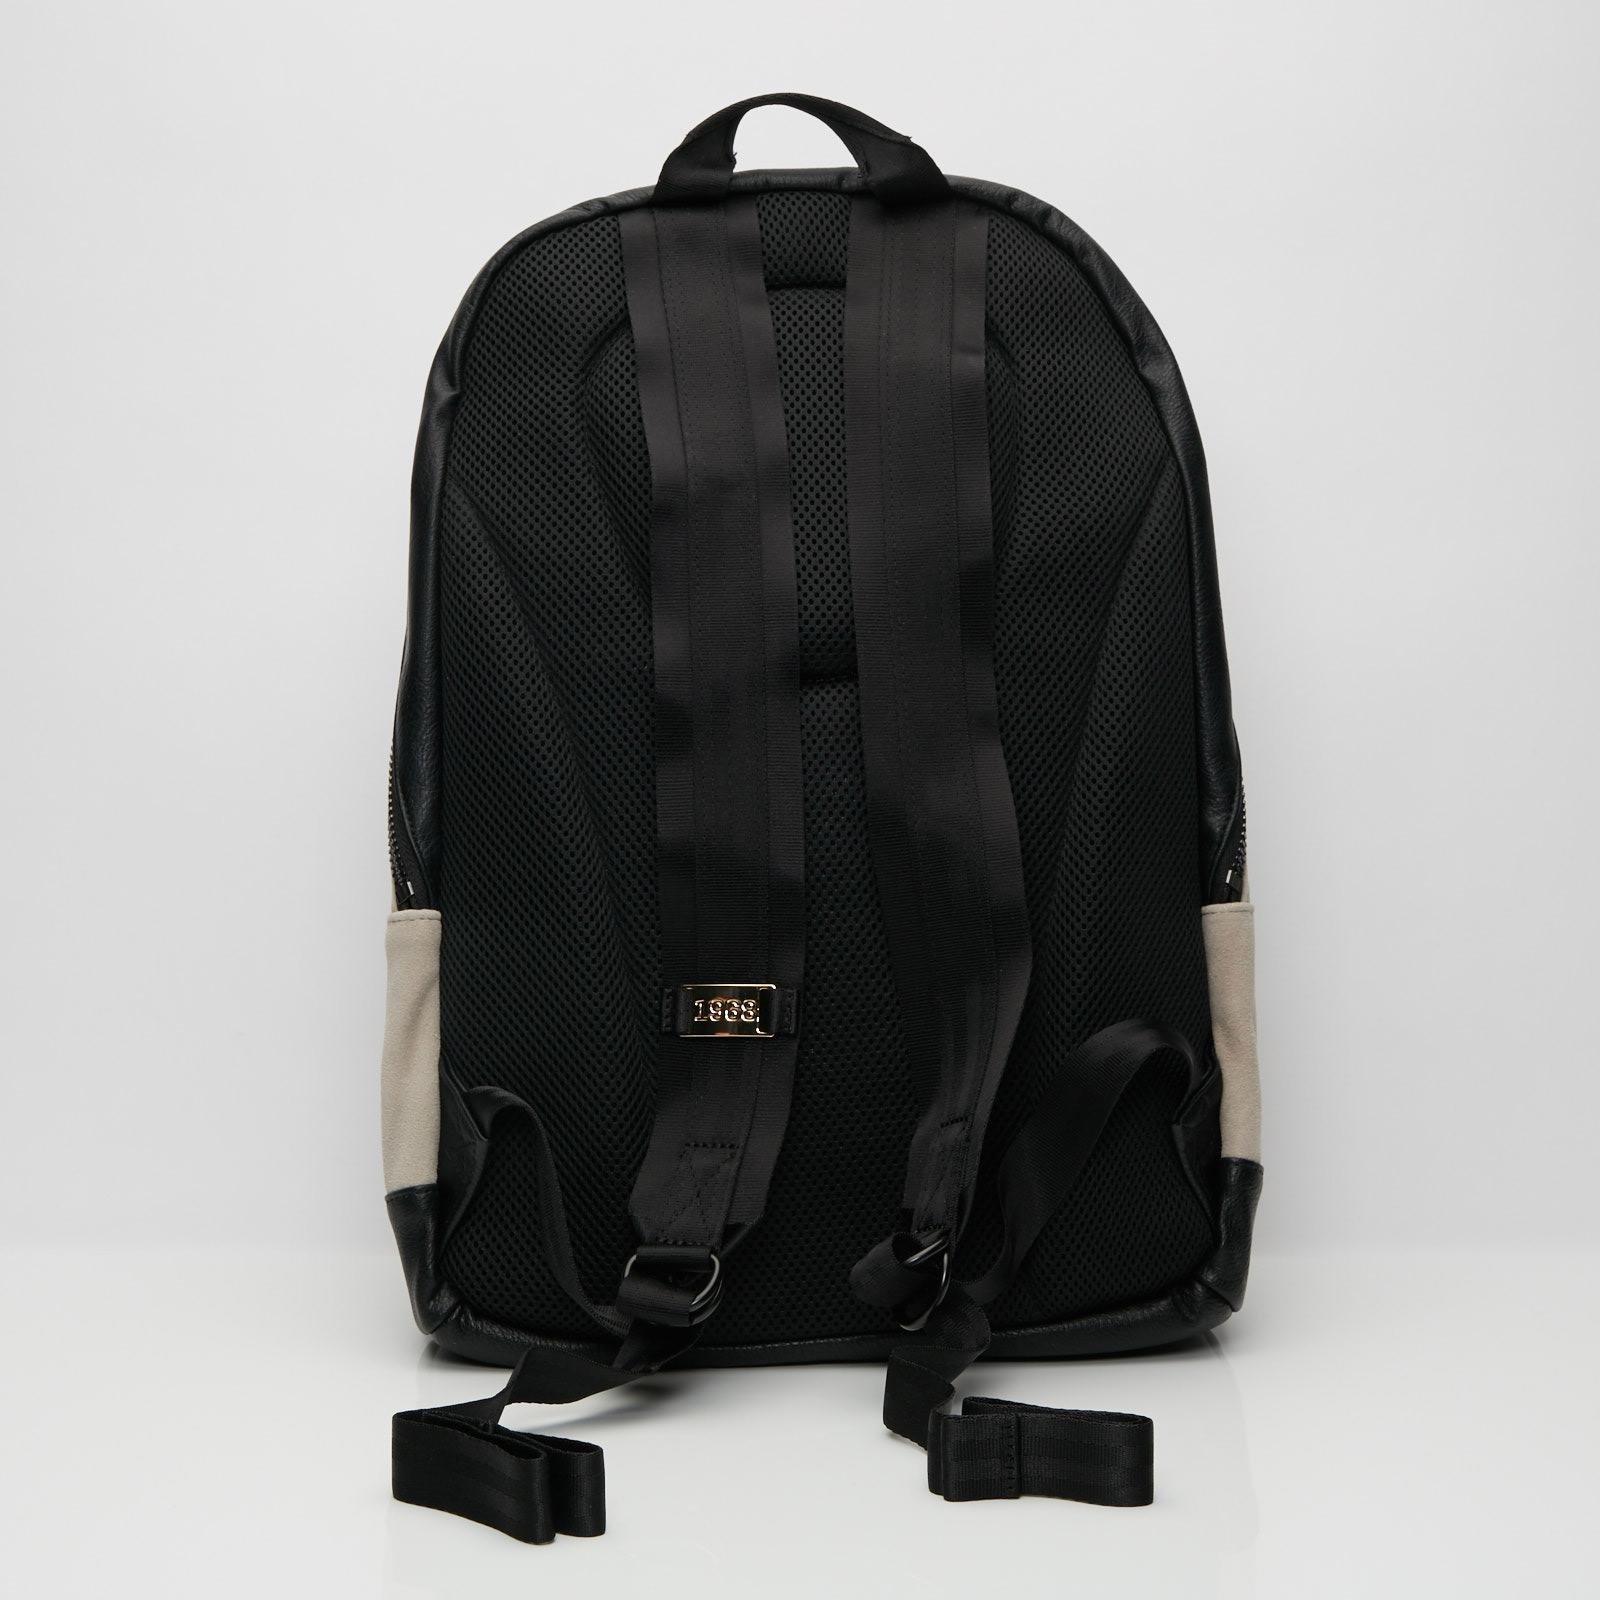 0b2bad25714 Puma Suede Backpack Lux - 075277-01 - Sneakersnstuff | sneakers &  streetwear online since 1999